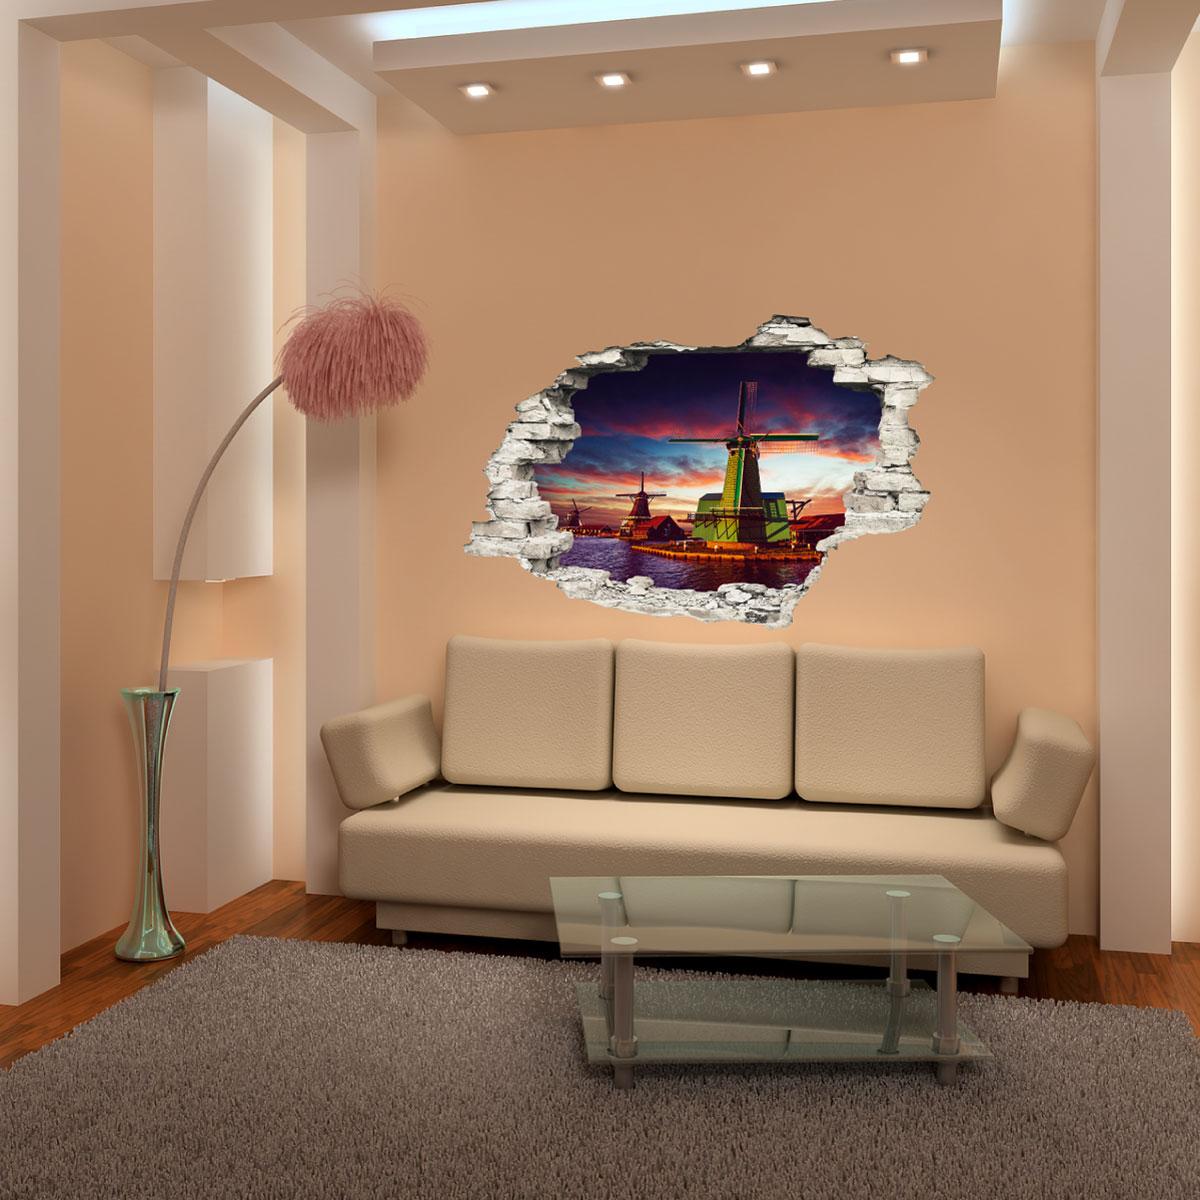 sticker trompe l 39 il tours moulins sur l 39 eau stickers villes et voyages pays et voyages. Black Bedroom Furniture Sets. Home Design Ideas